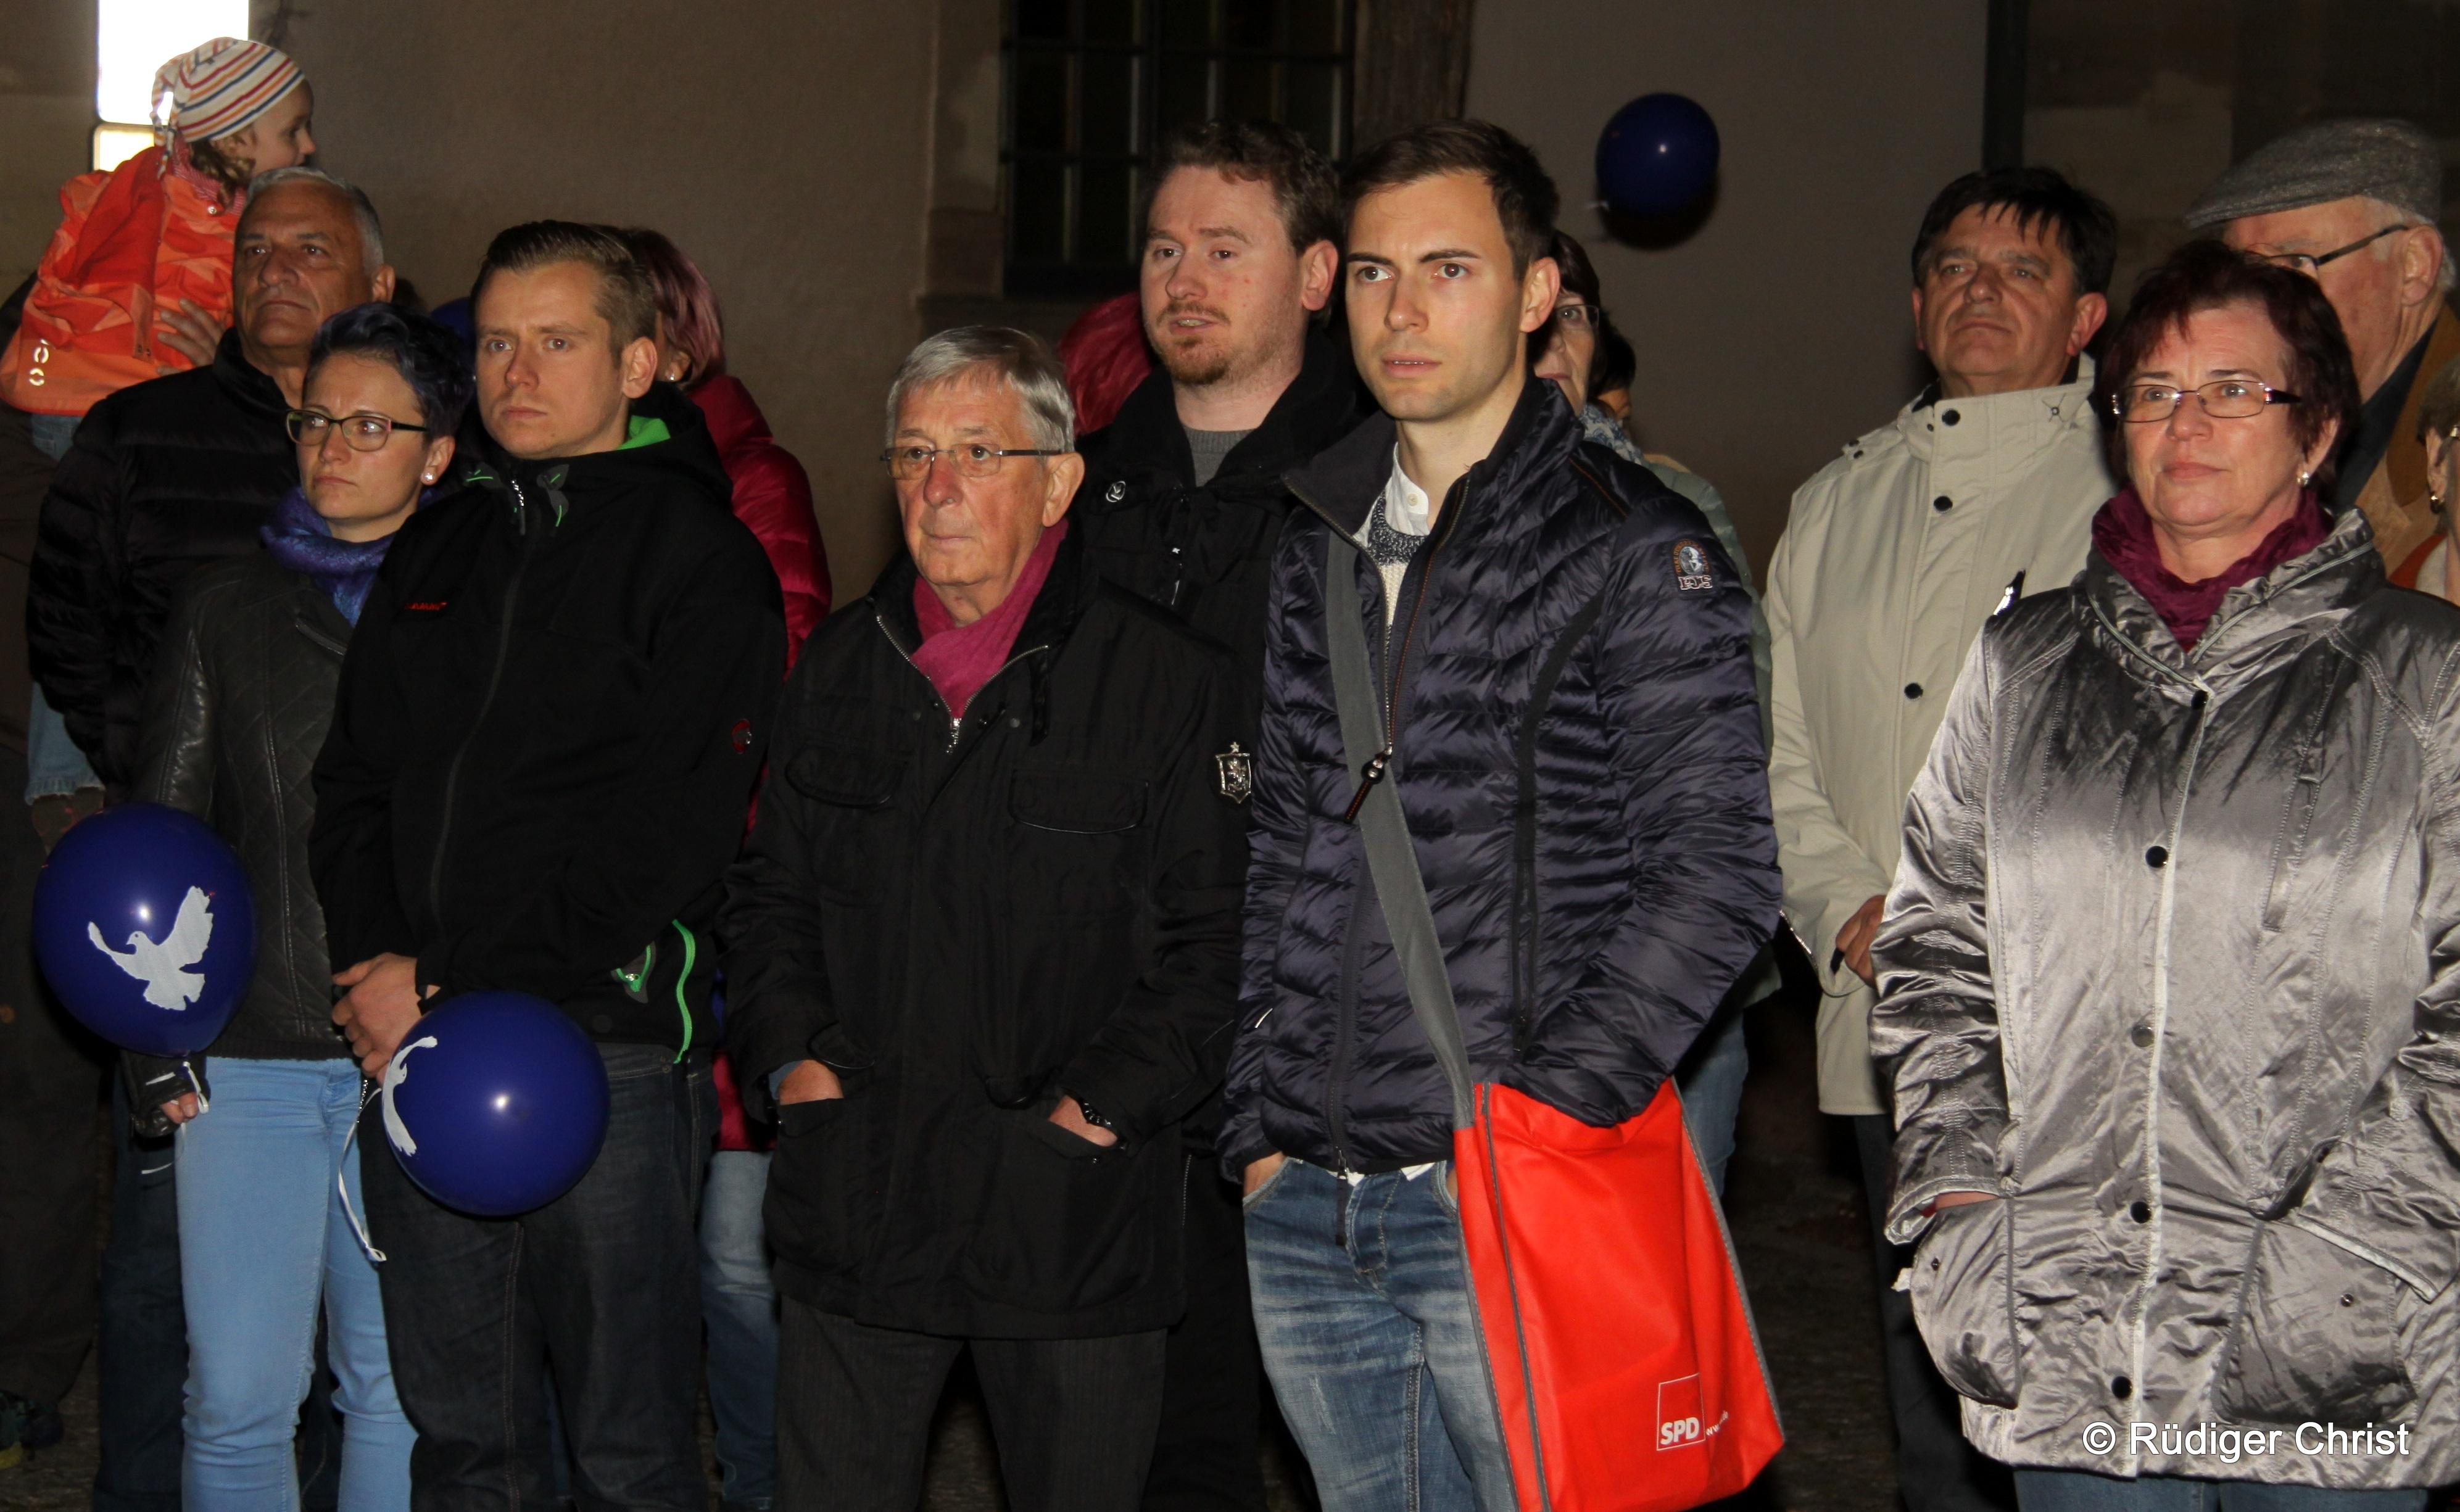 Günther Pohl, Christian Gesang, Maik Klotzbach, Gunter Kunze und weitere Genossen verfolgten die Veranstaltung